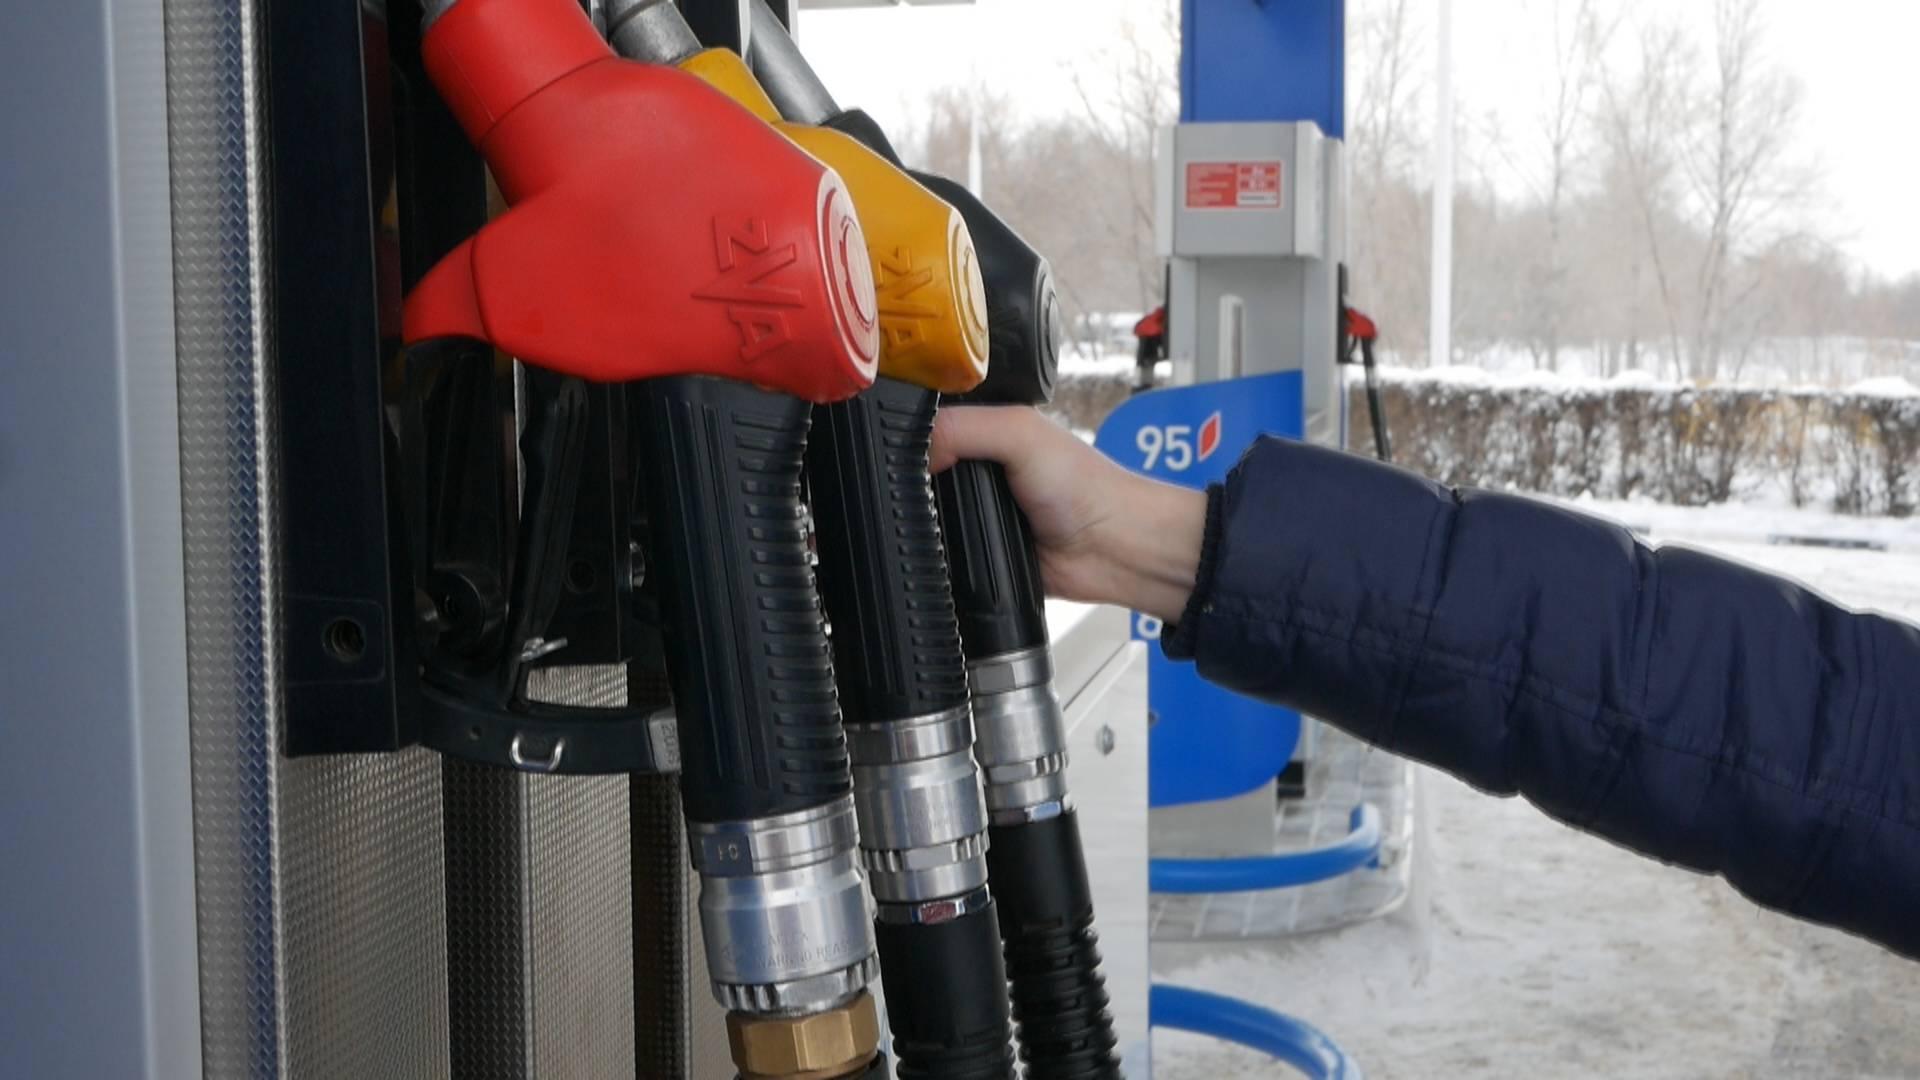 Топливо и особенности заправки автомобиля в европе  |  grand voyage топливо и особенности заправки автомобиля в европе